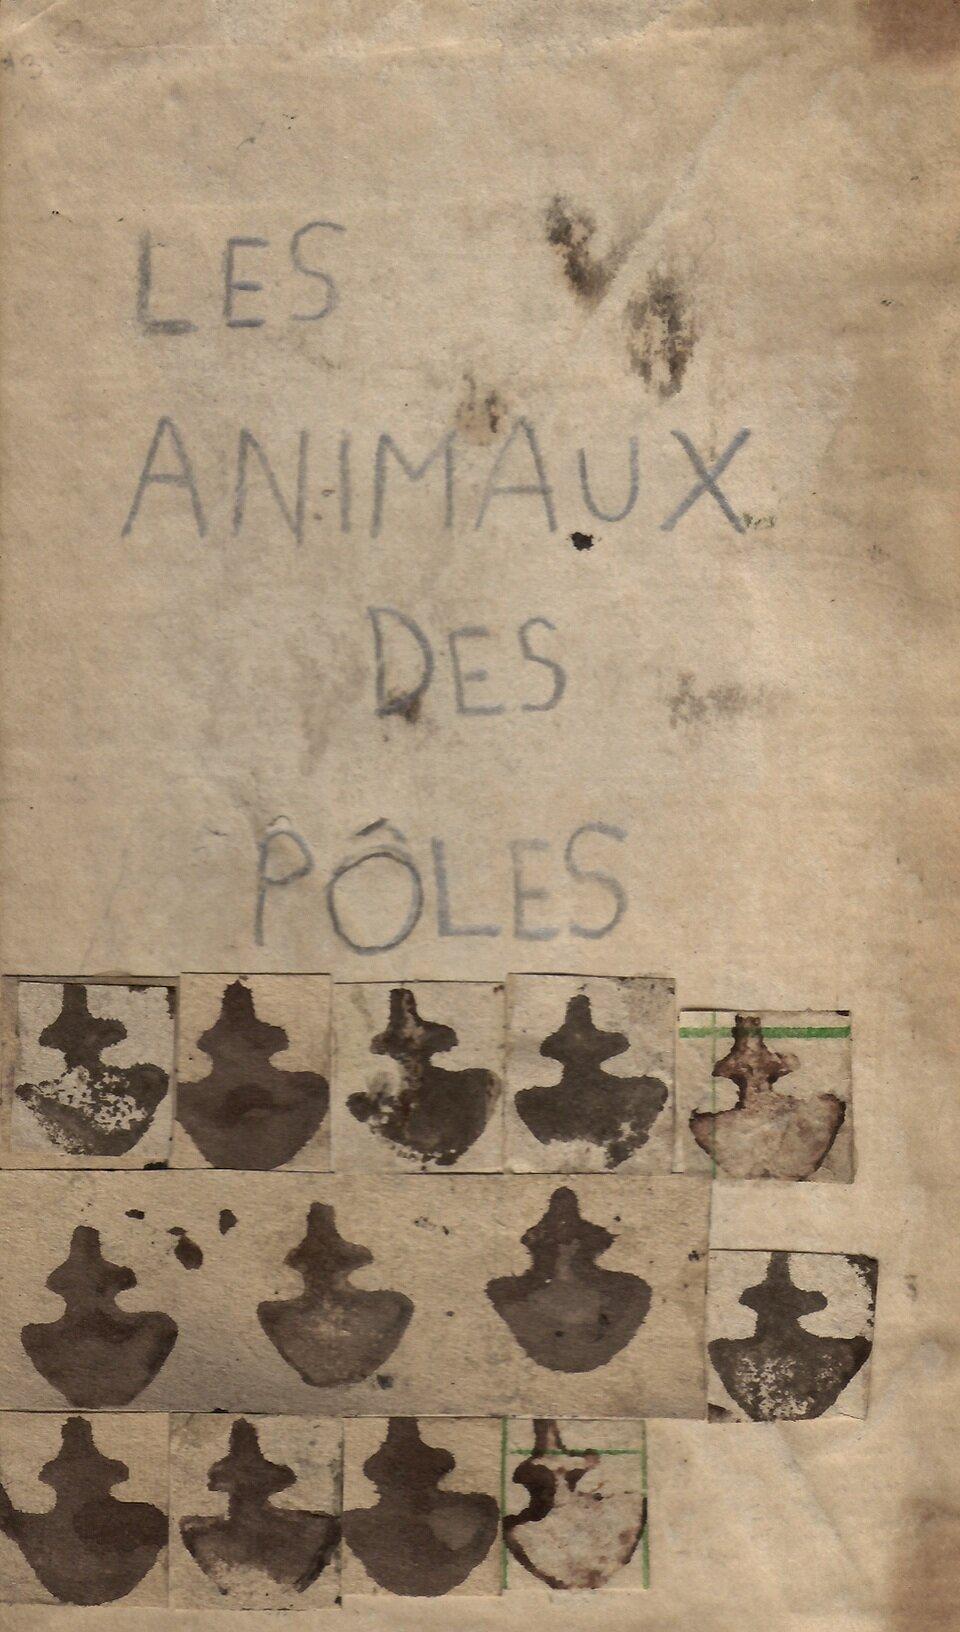 les animaux des poles